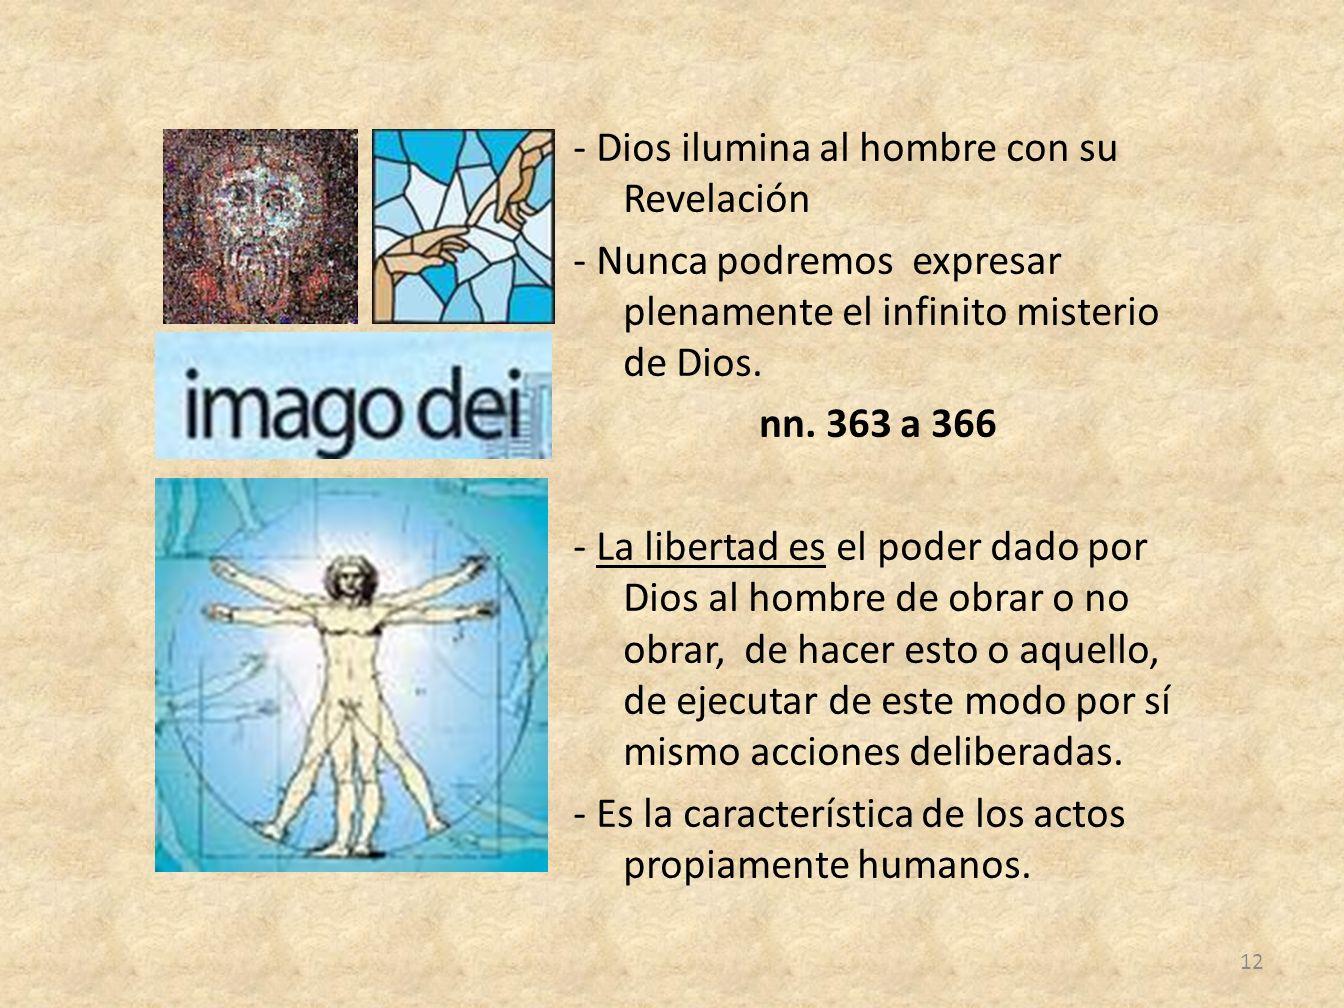 - Dios ilumina al hombre con su Revelación - Nunca podremos expresar plenamente el infinito misterio de Dios.